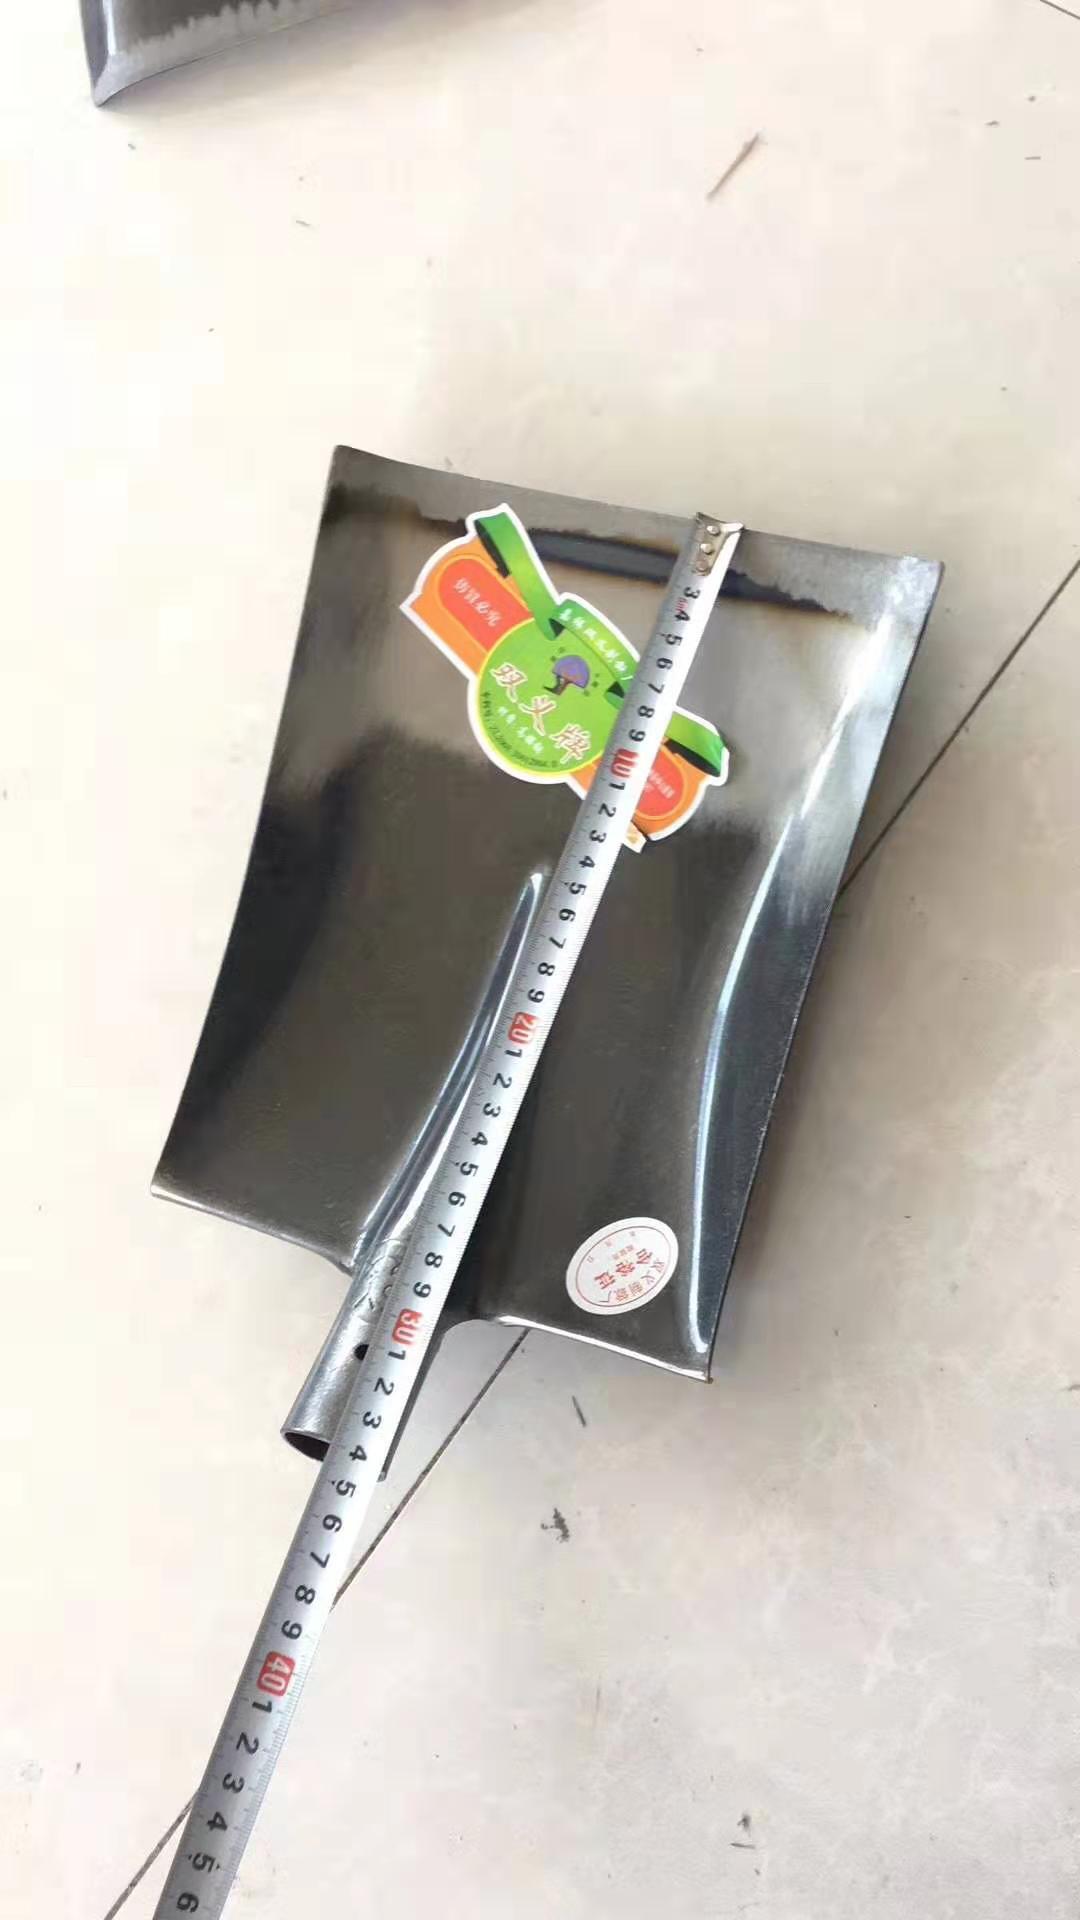 莱芜家用清洁工具图片 诚信服务 萧县家齐清洁制品供应